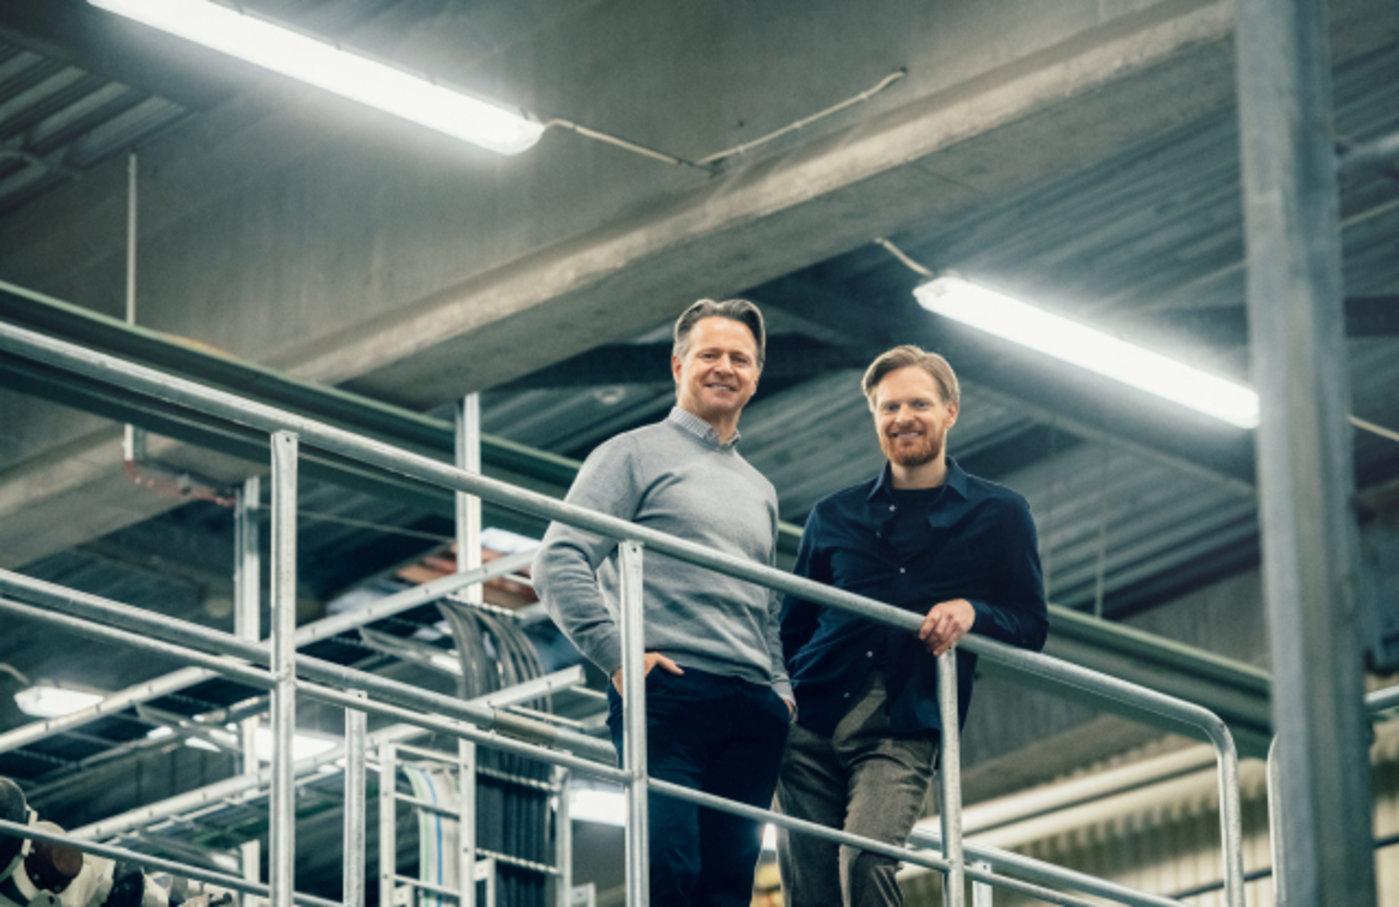 来自H&M 投资公司Co:Lab的Erik Karlsson和来自Re:newcell 的首席执行官Patrik Lundstrom